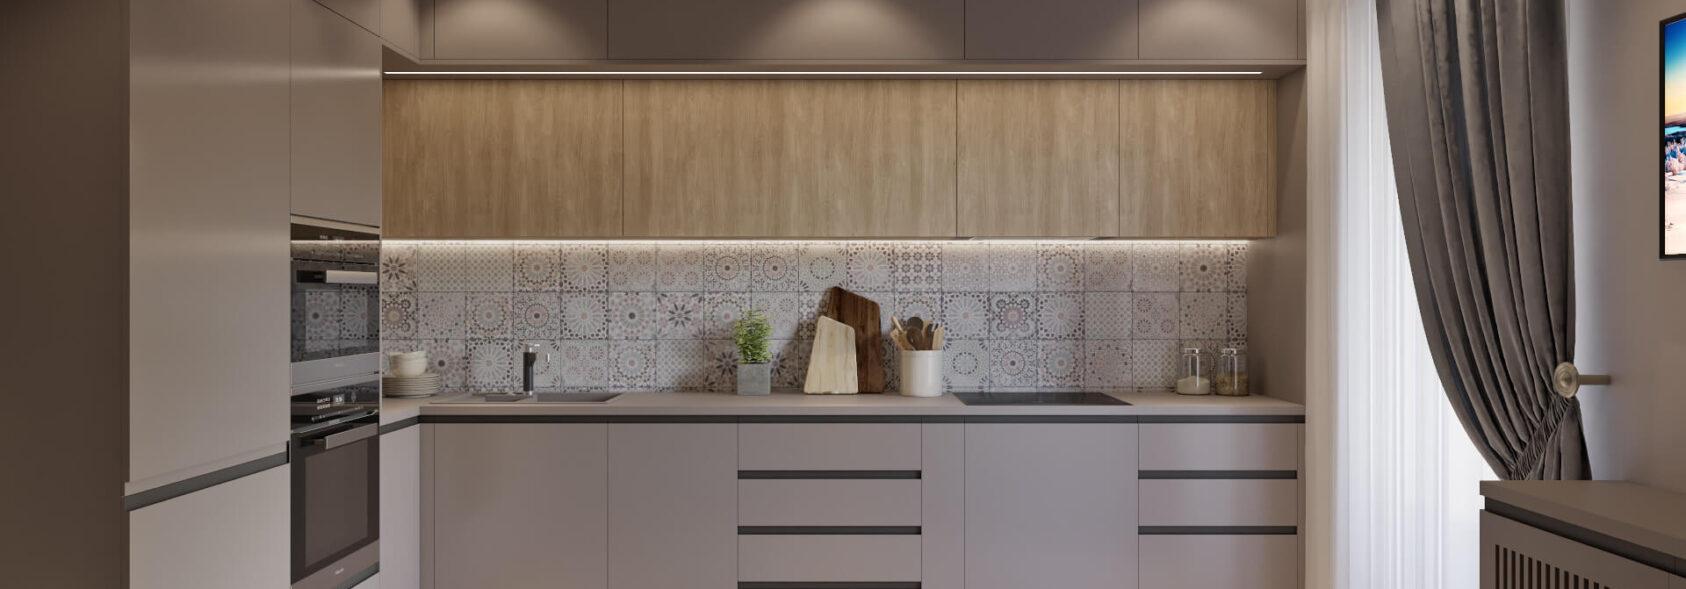 Дизайн трехкомнатной квартиры Днепропетровск Кухня